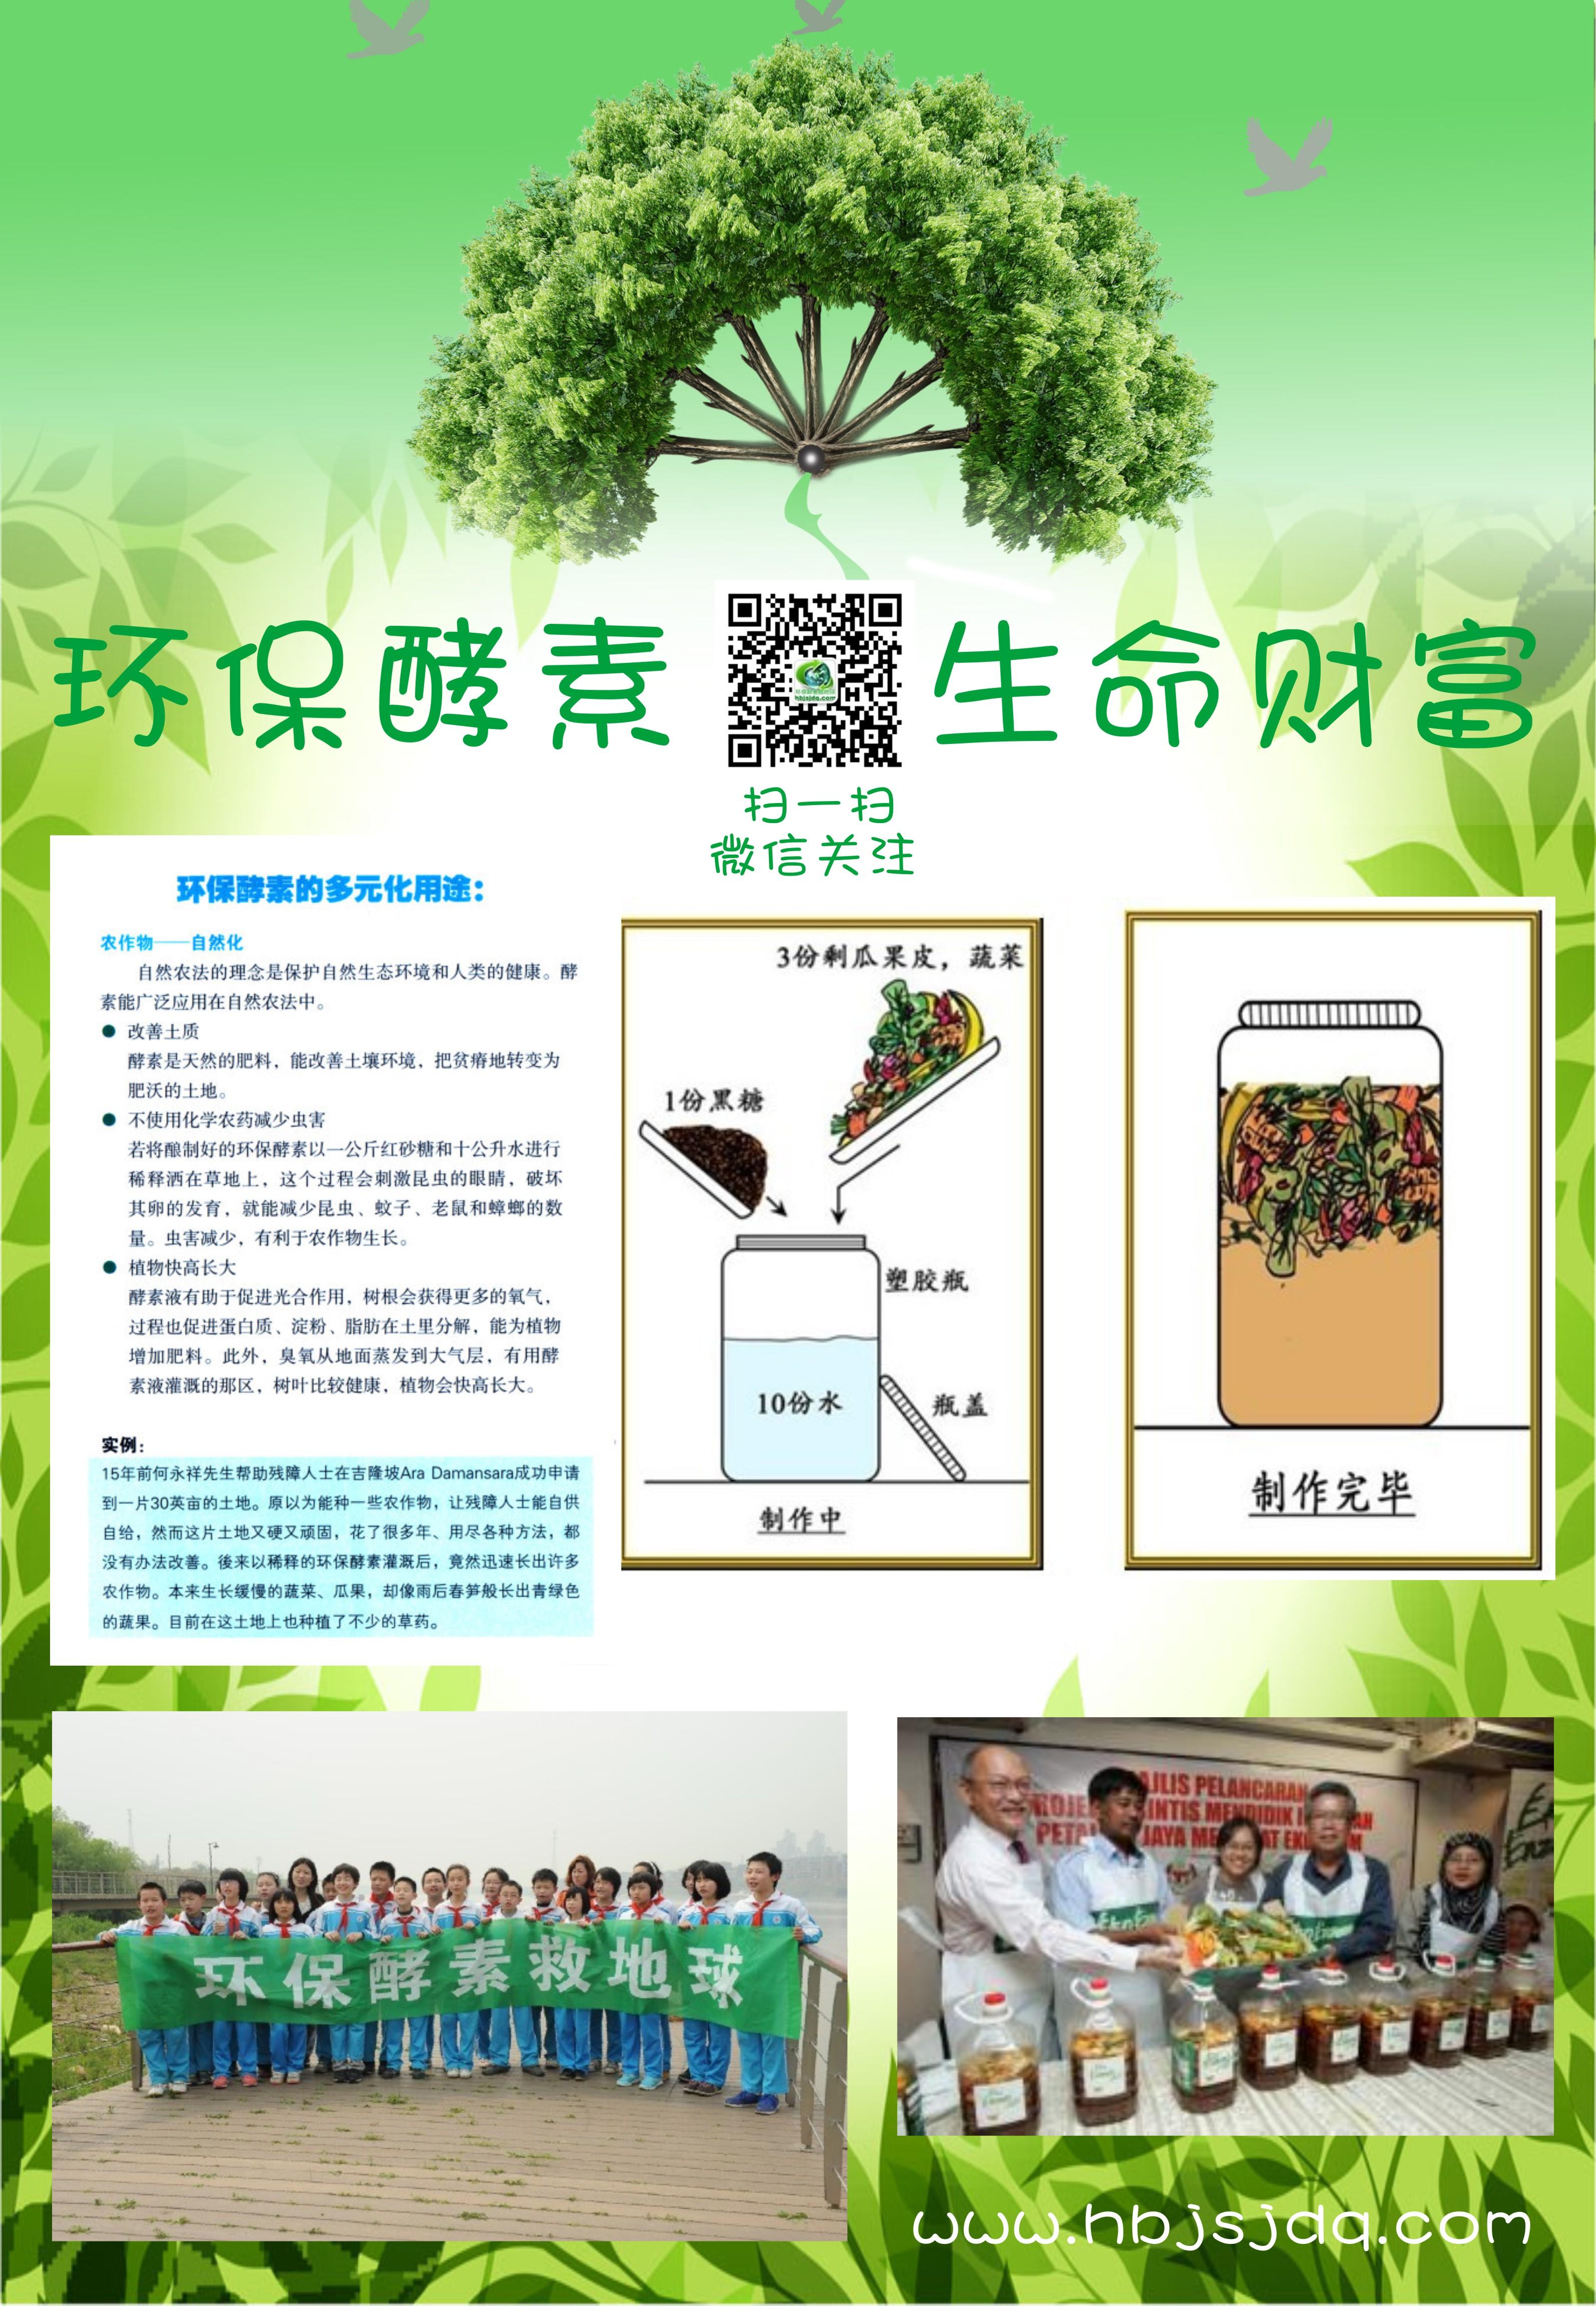 简单的环保公益网站广告牌设计